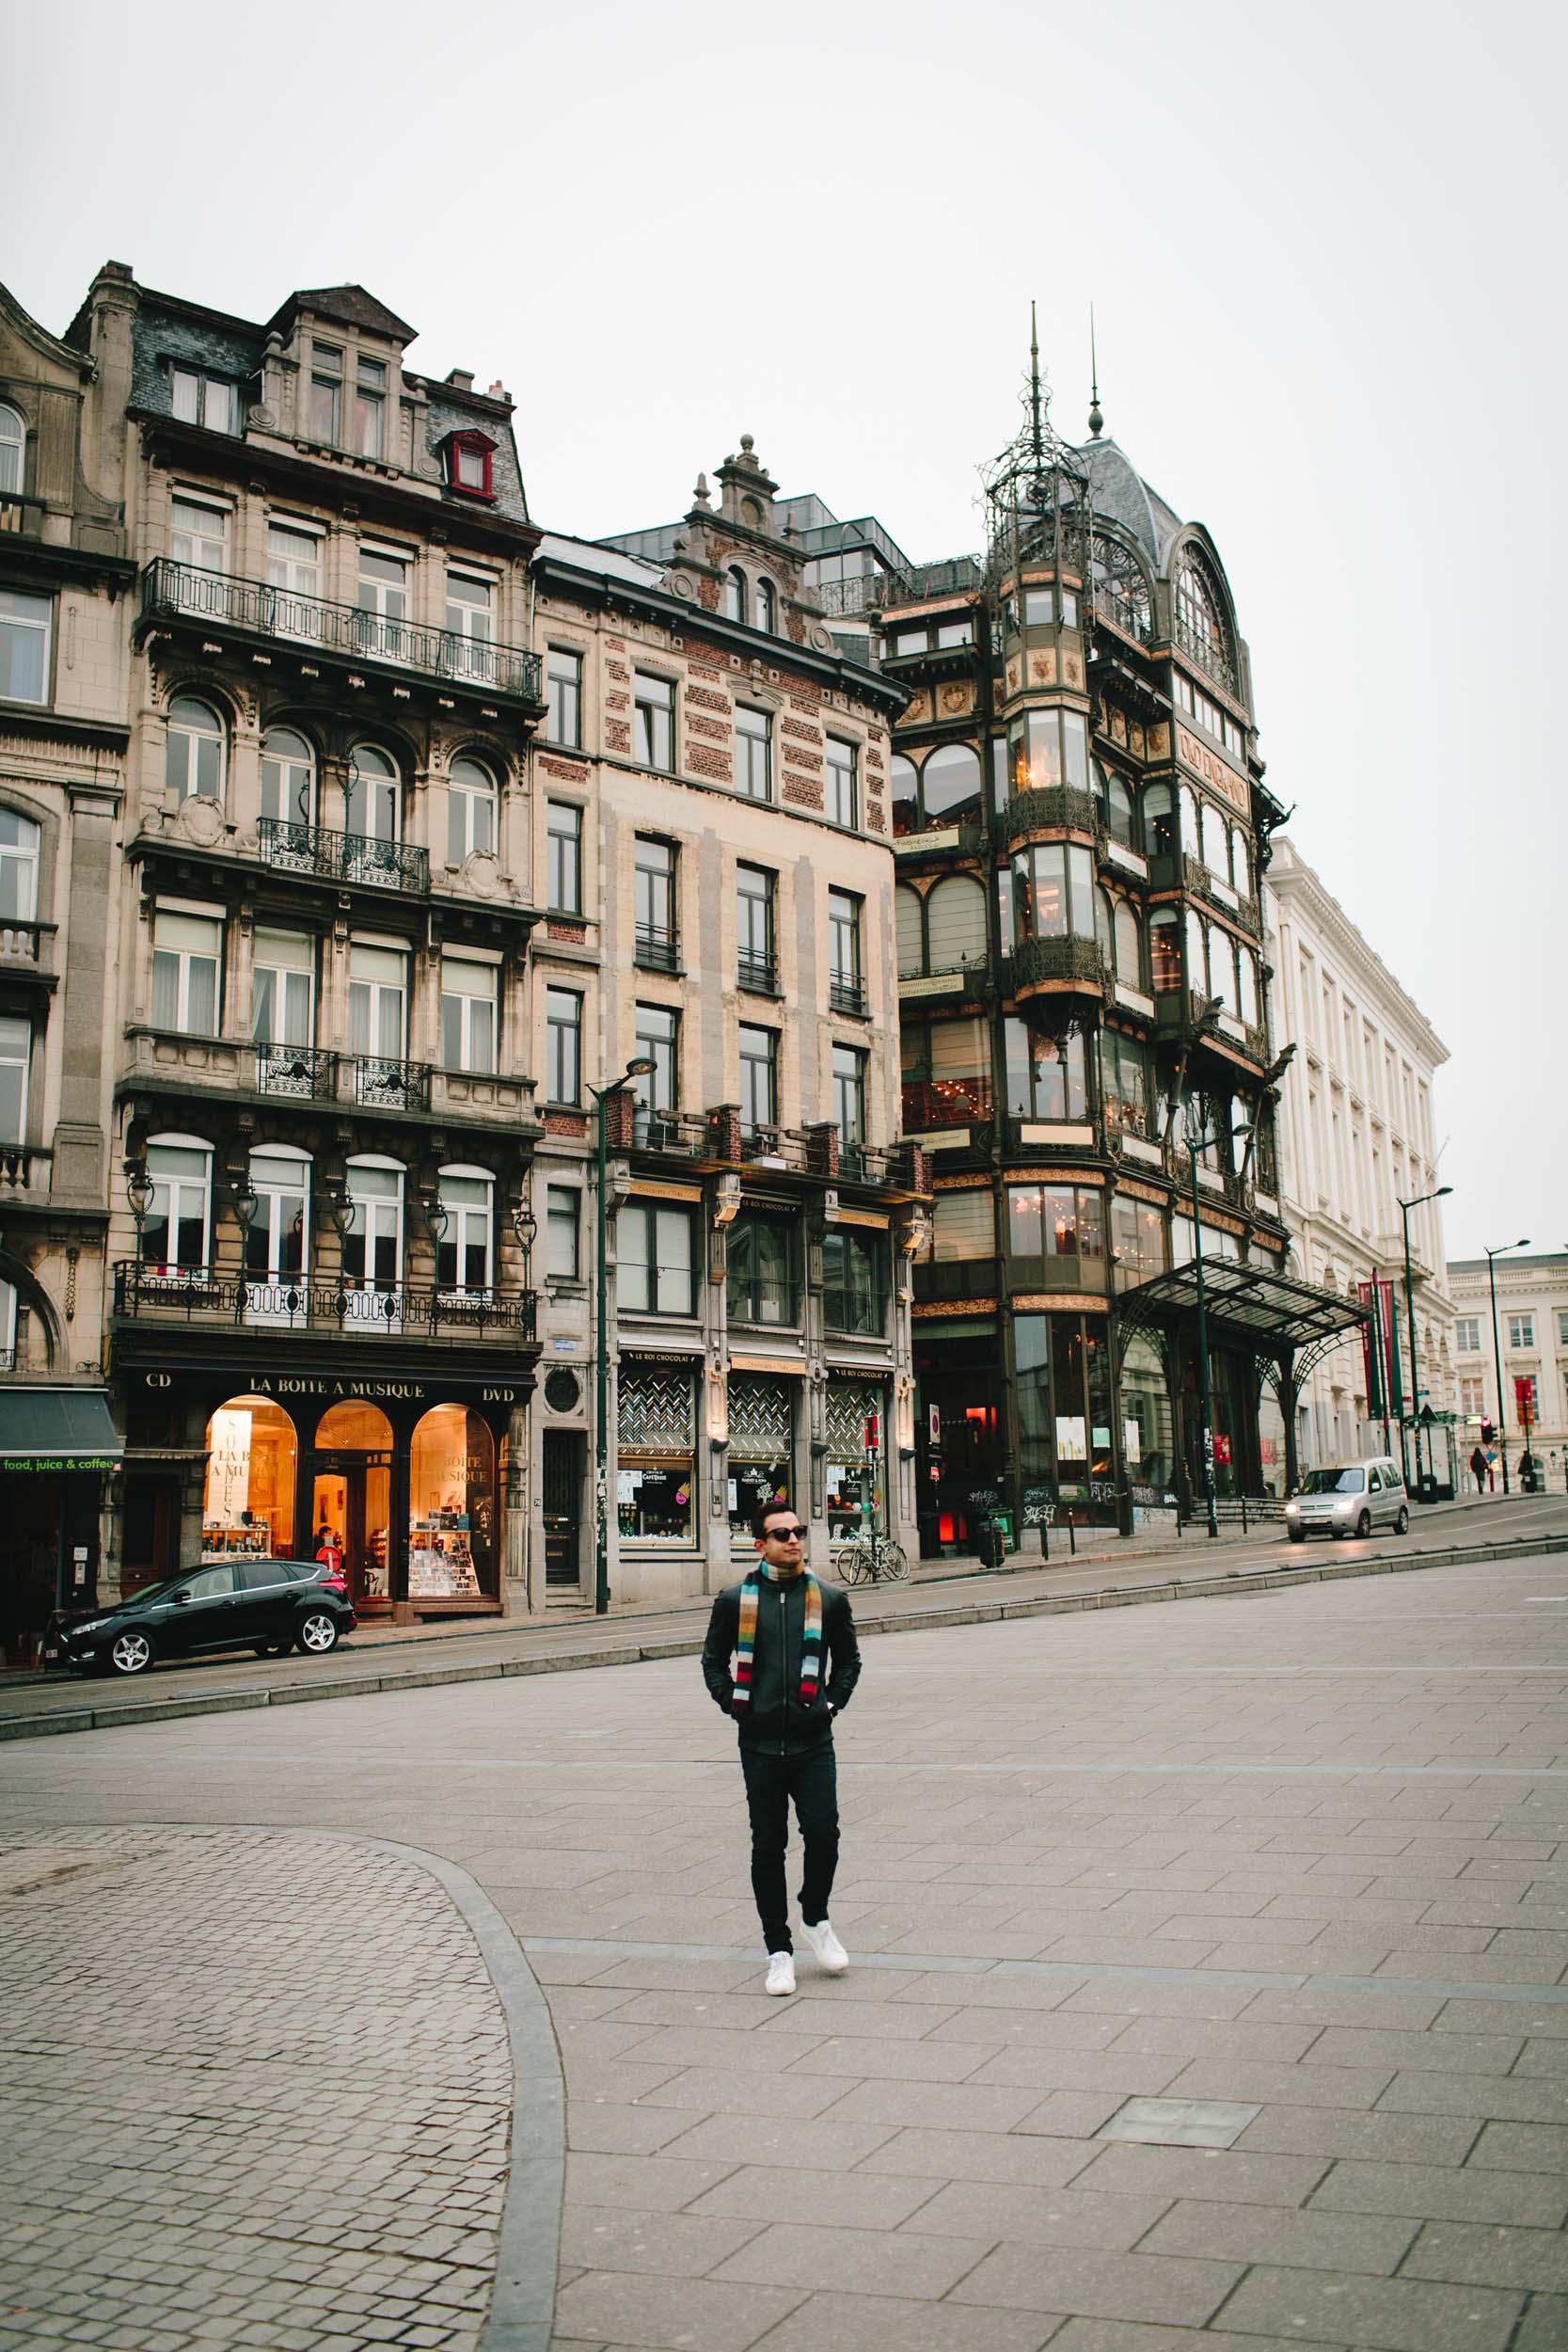 Flytographer Elke in Brussels